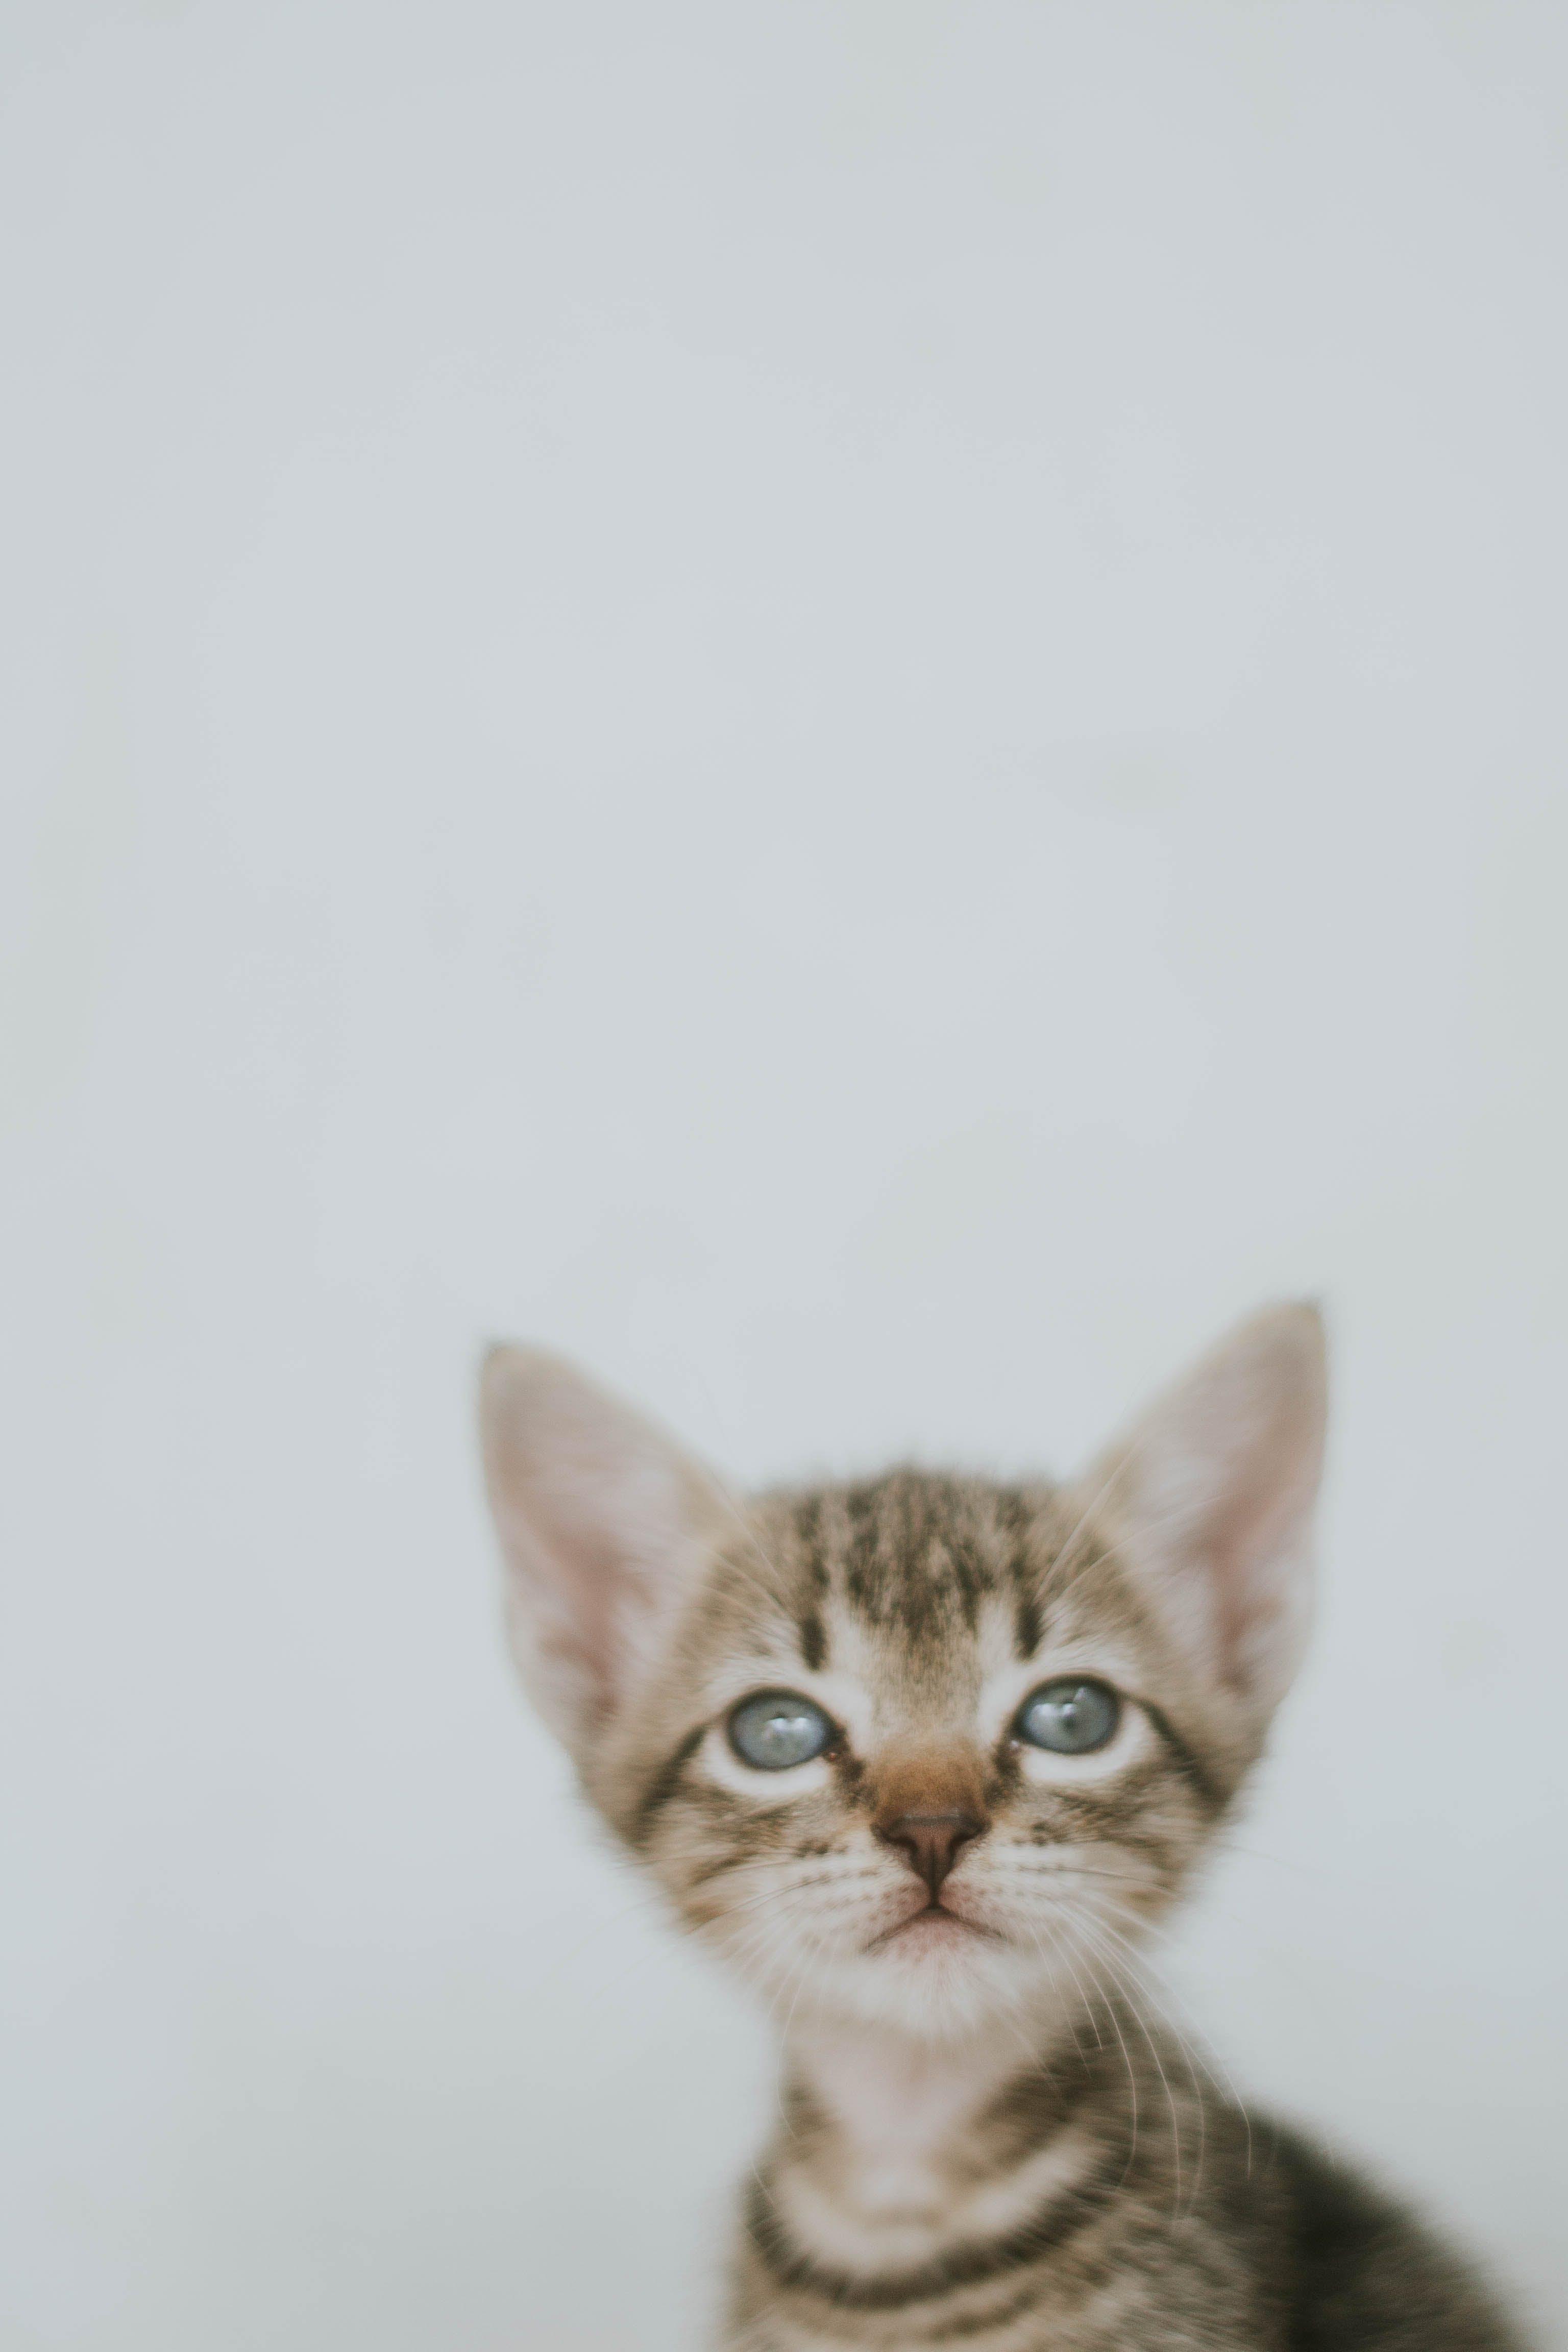 Kostenloses Stock Foto zu bezaubernd, felidae, gefleckt, gucken